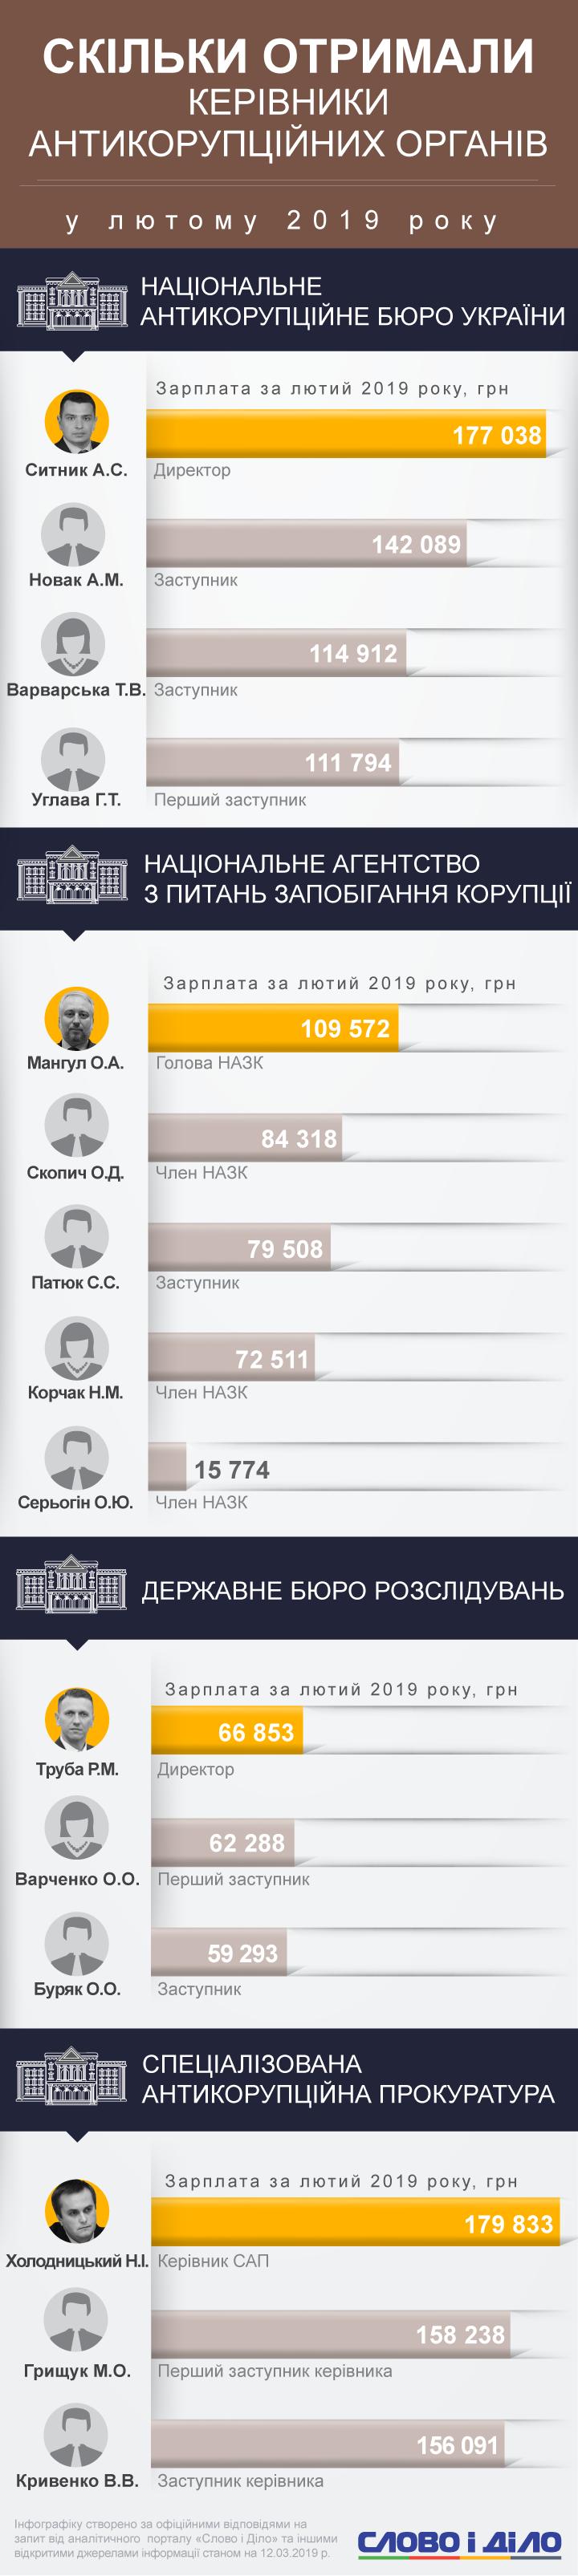 Назар Холодницький став найбільш високооплачуваним антикорупціонером лютого, він заробив майже 180 тисяч гривень.